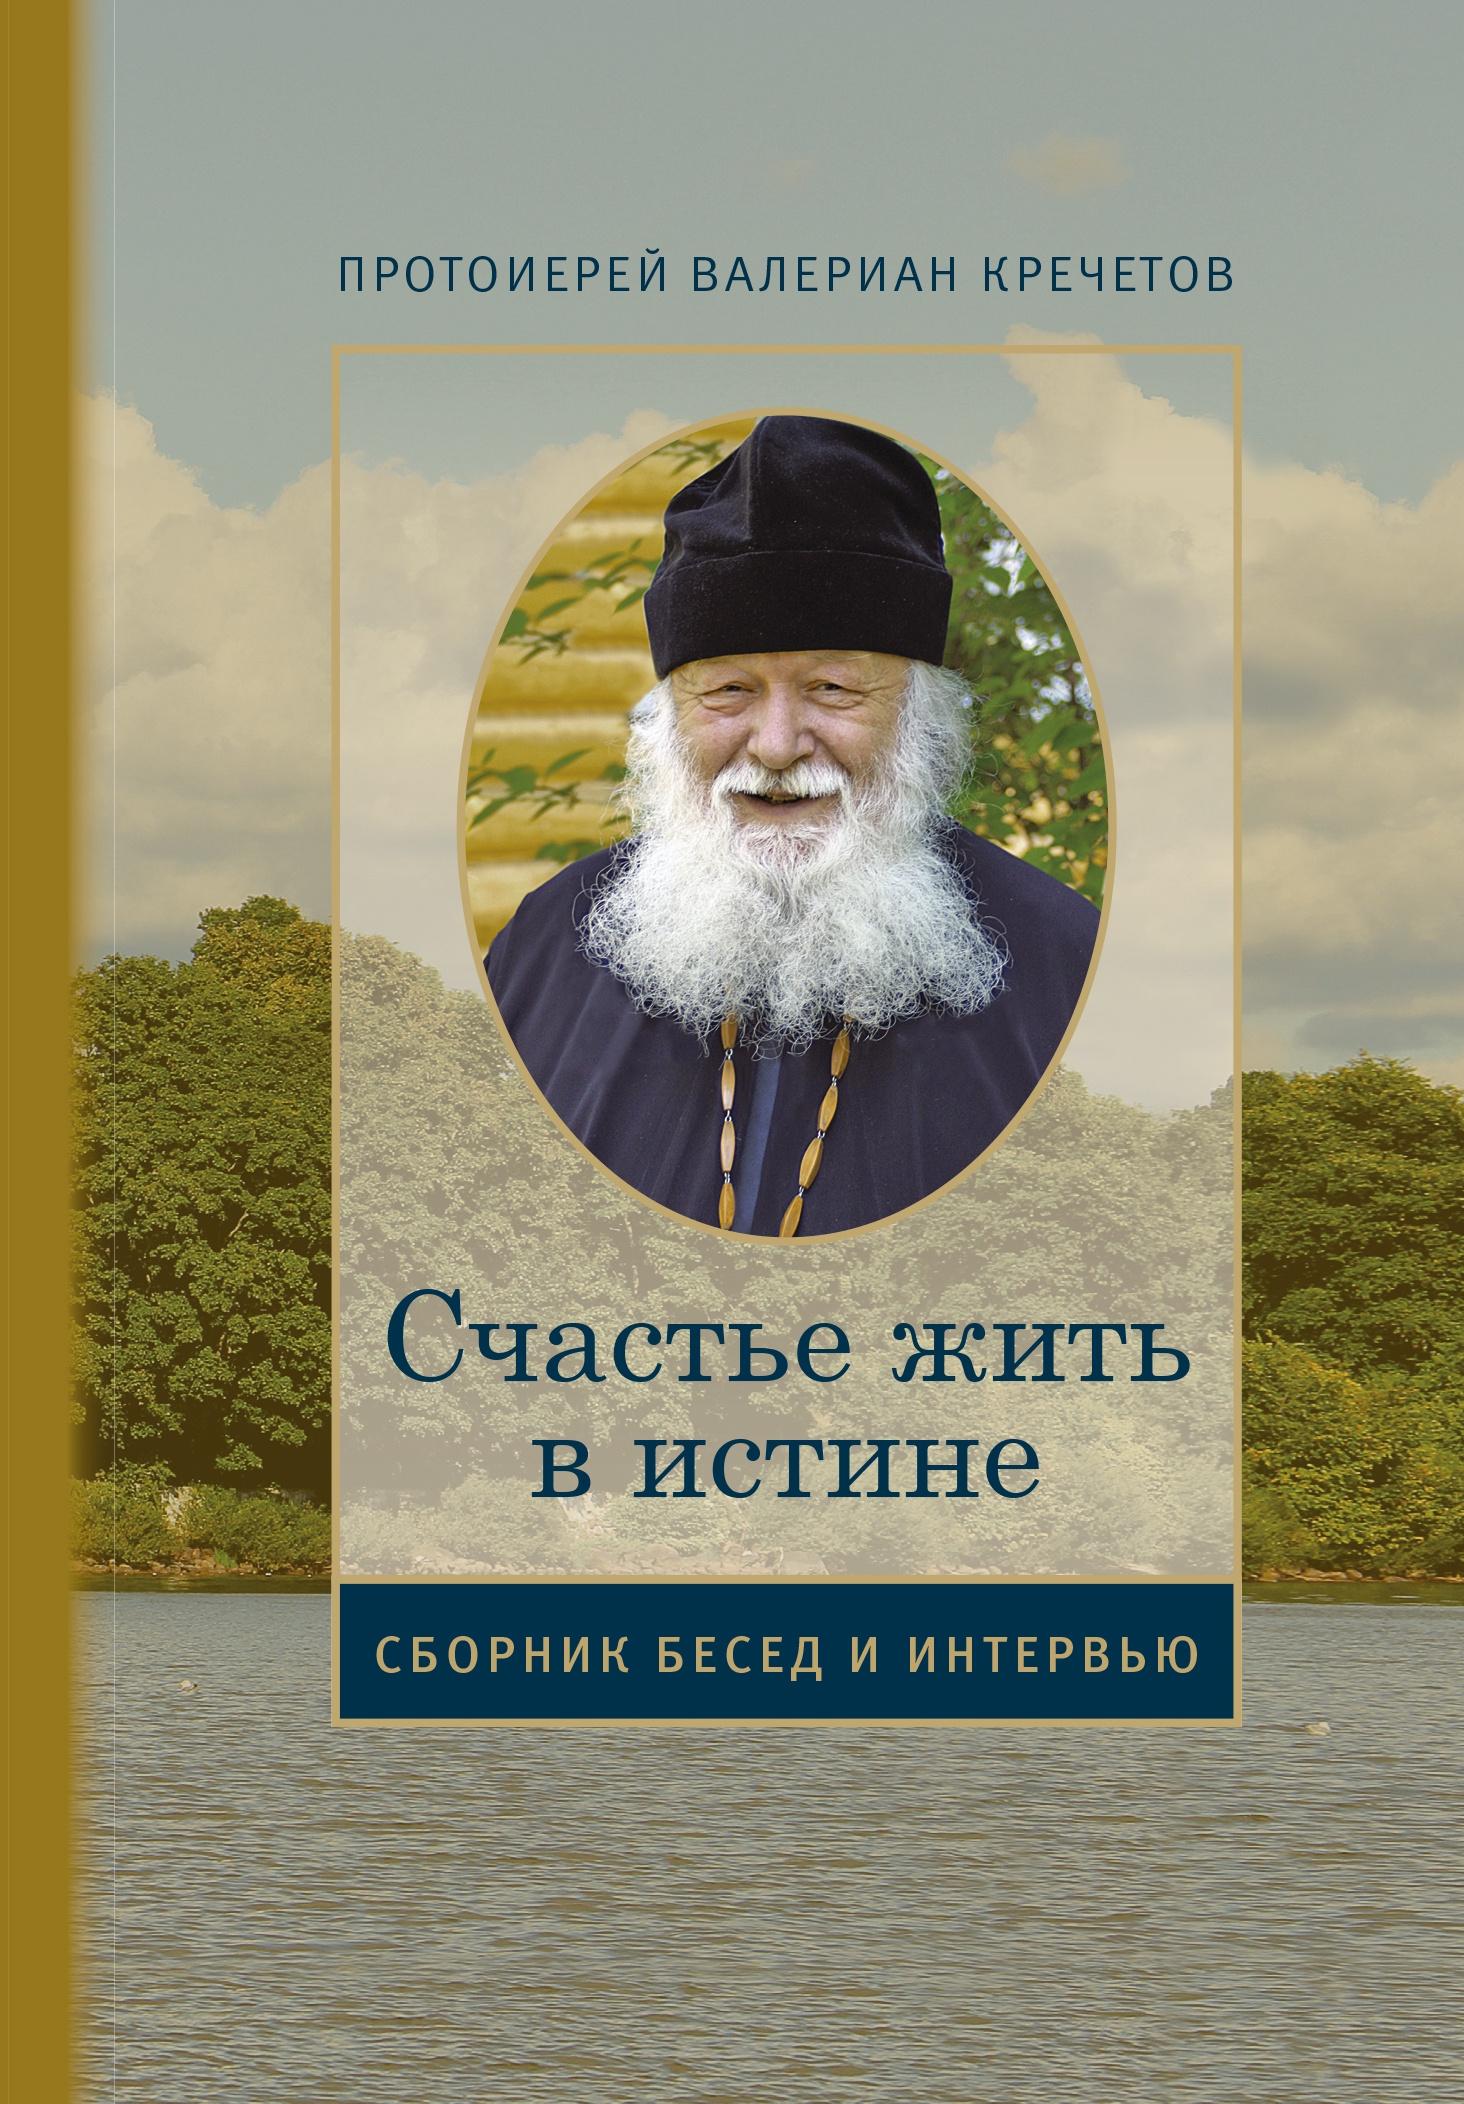 все цены на Протоиерей Валериан Кречетов Счастье жить в истине онлайн